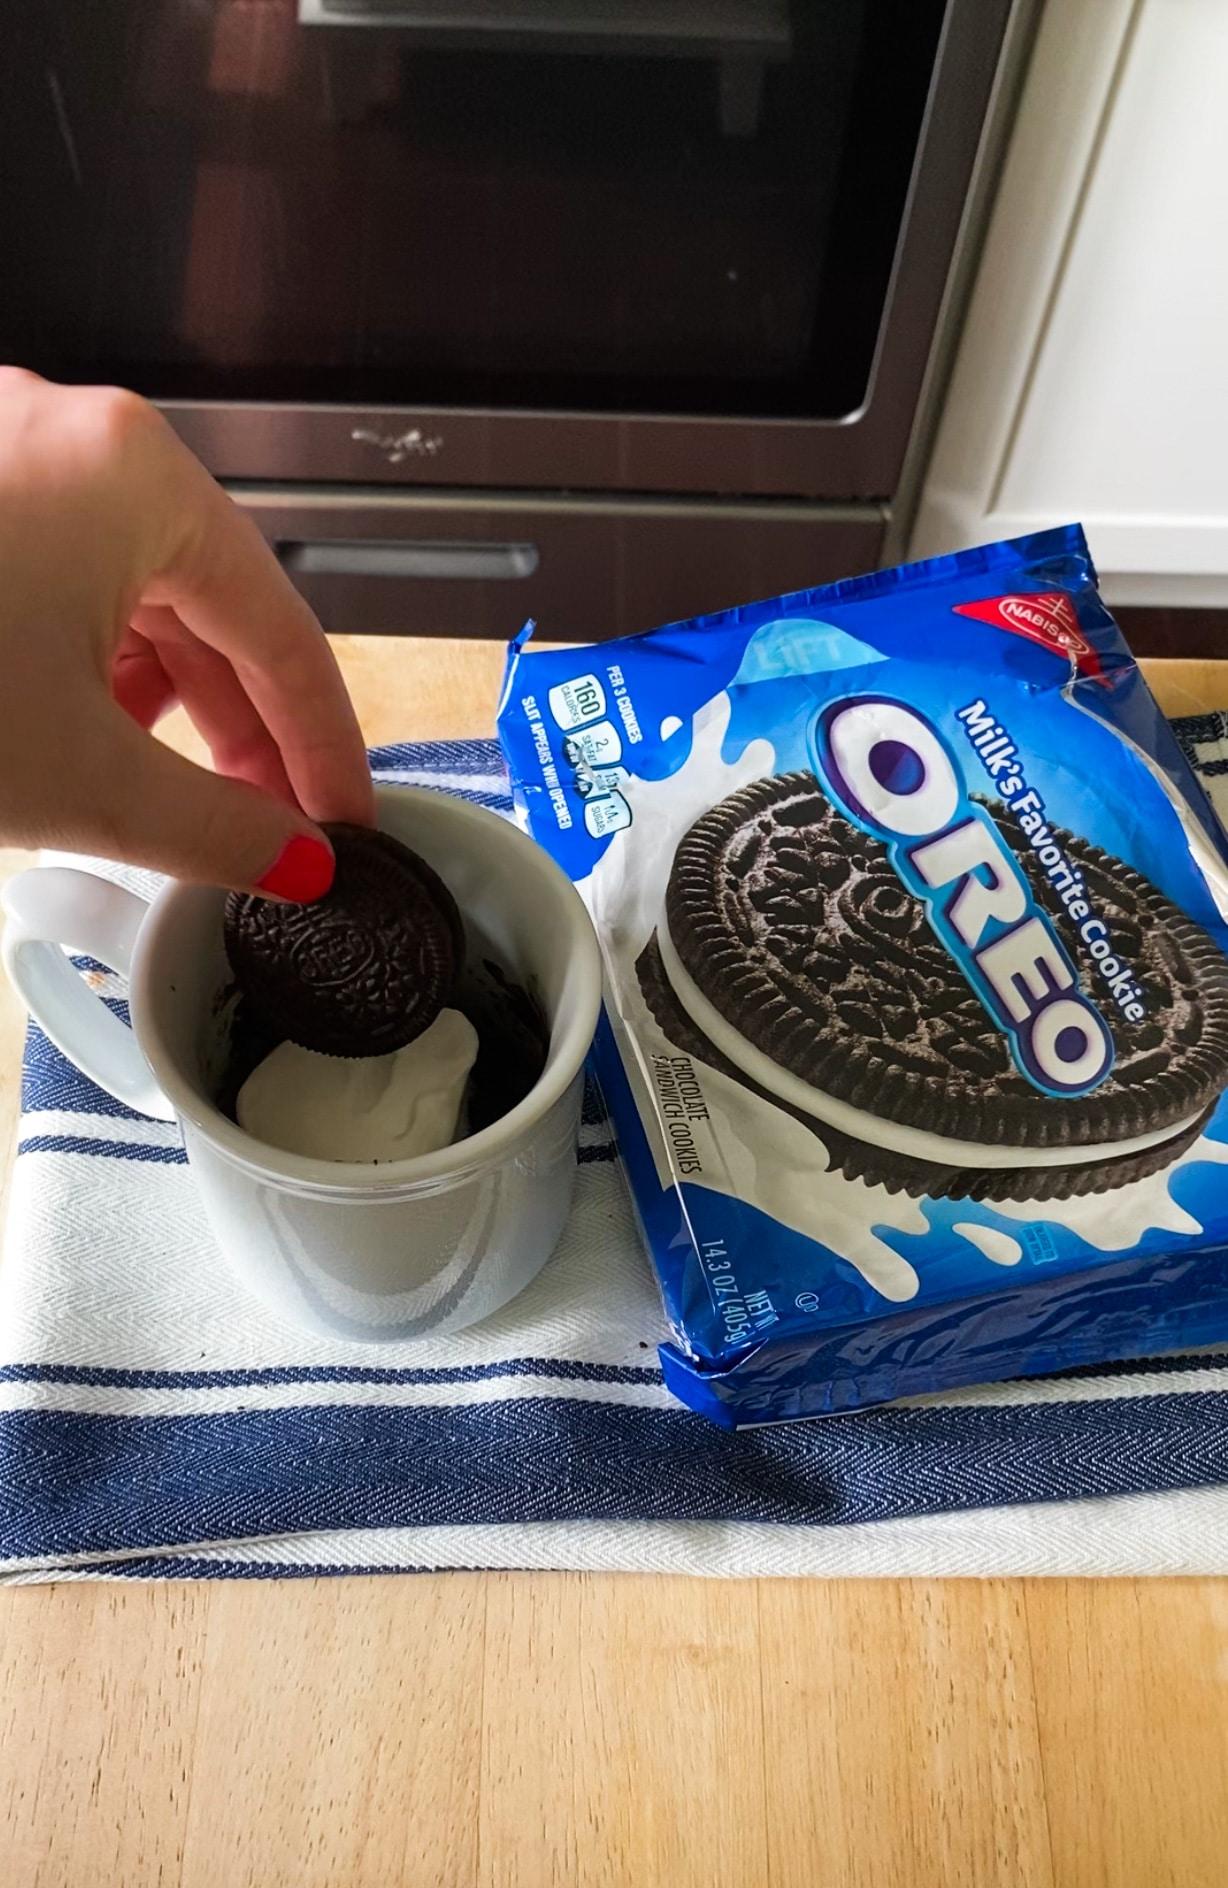 viral oreo mug cake recipe from tiktok